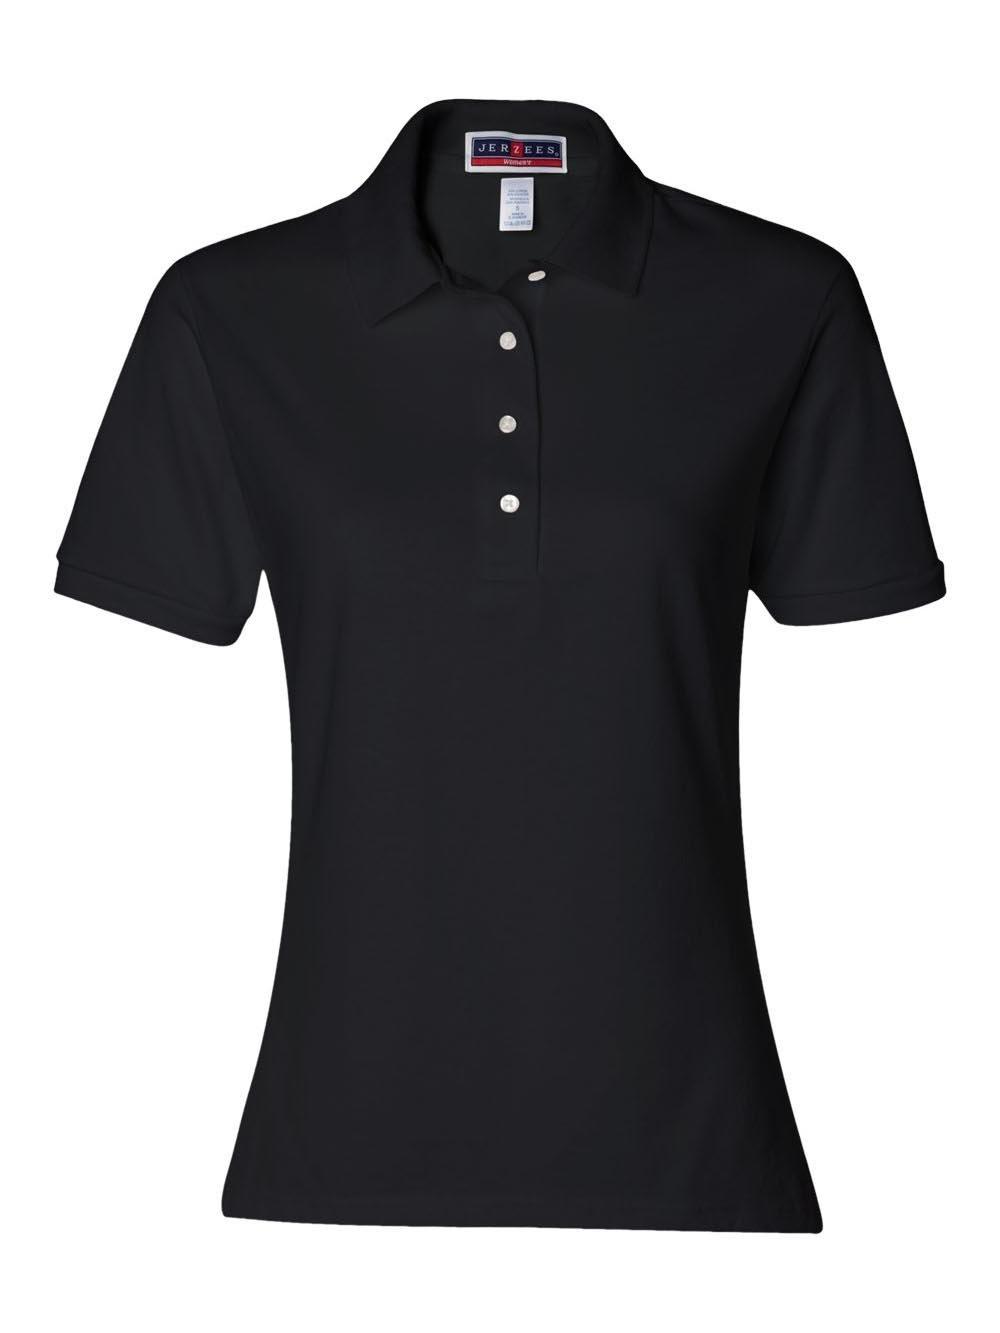 Jerzees womens 5.6 oz. 50/50 Jersey Polo with SpotShield(437W)-BLACK-2XL